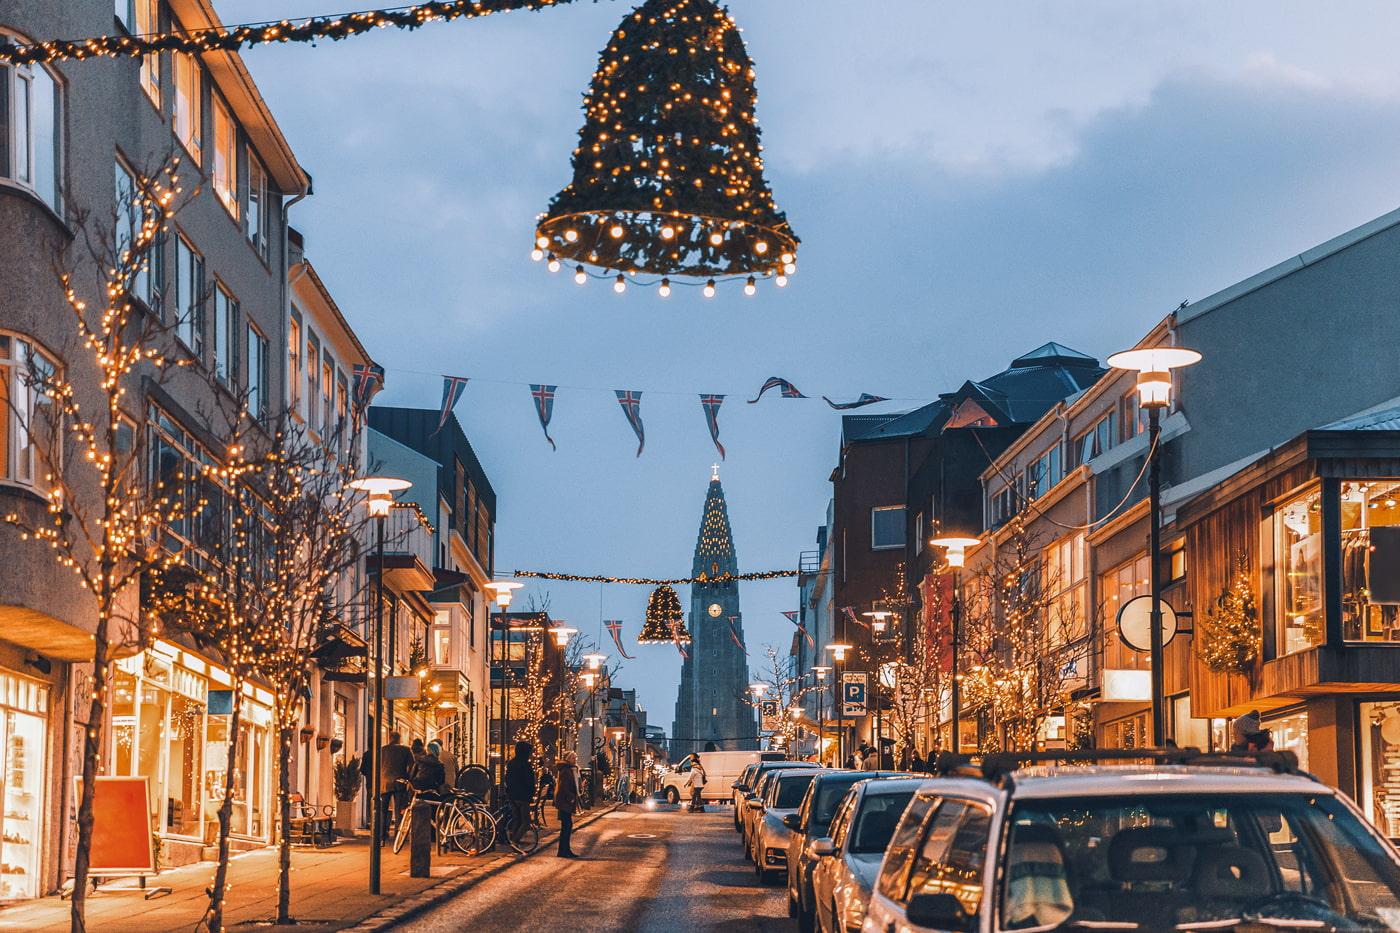 Busy street in Reykjavik